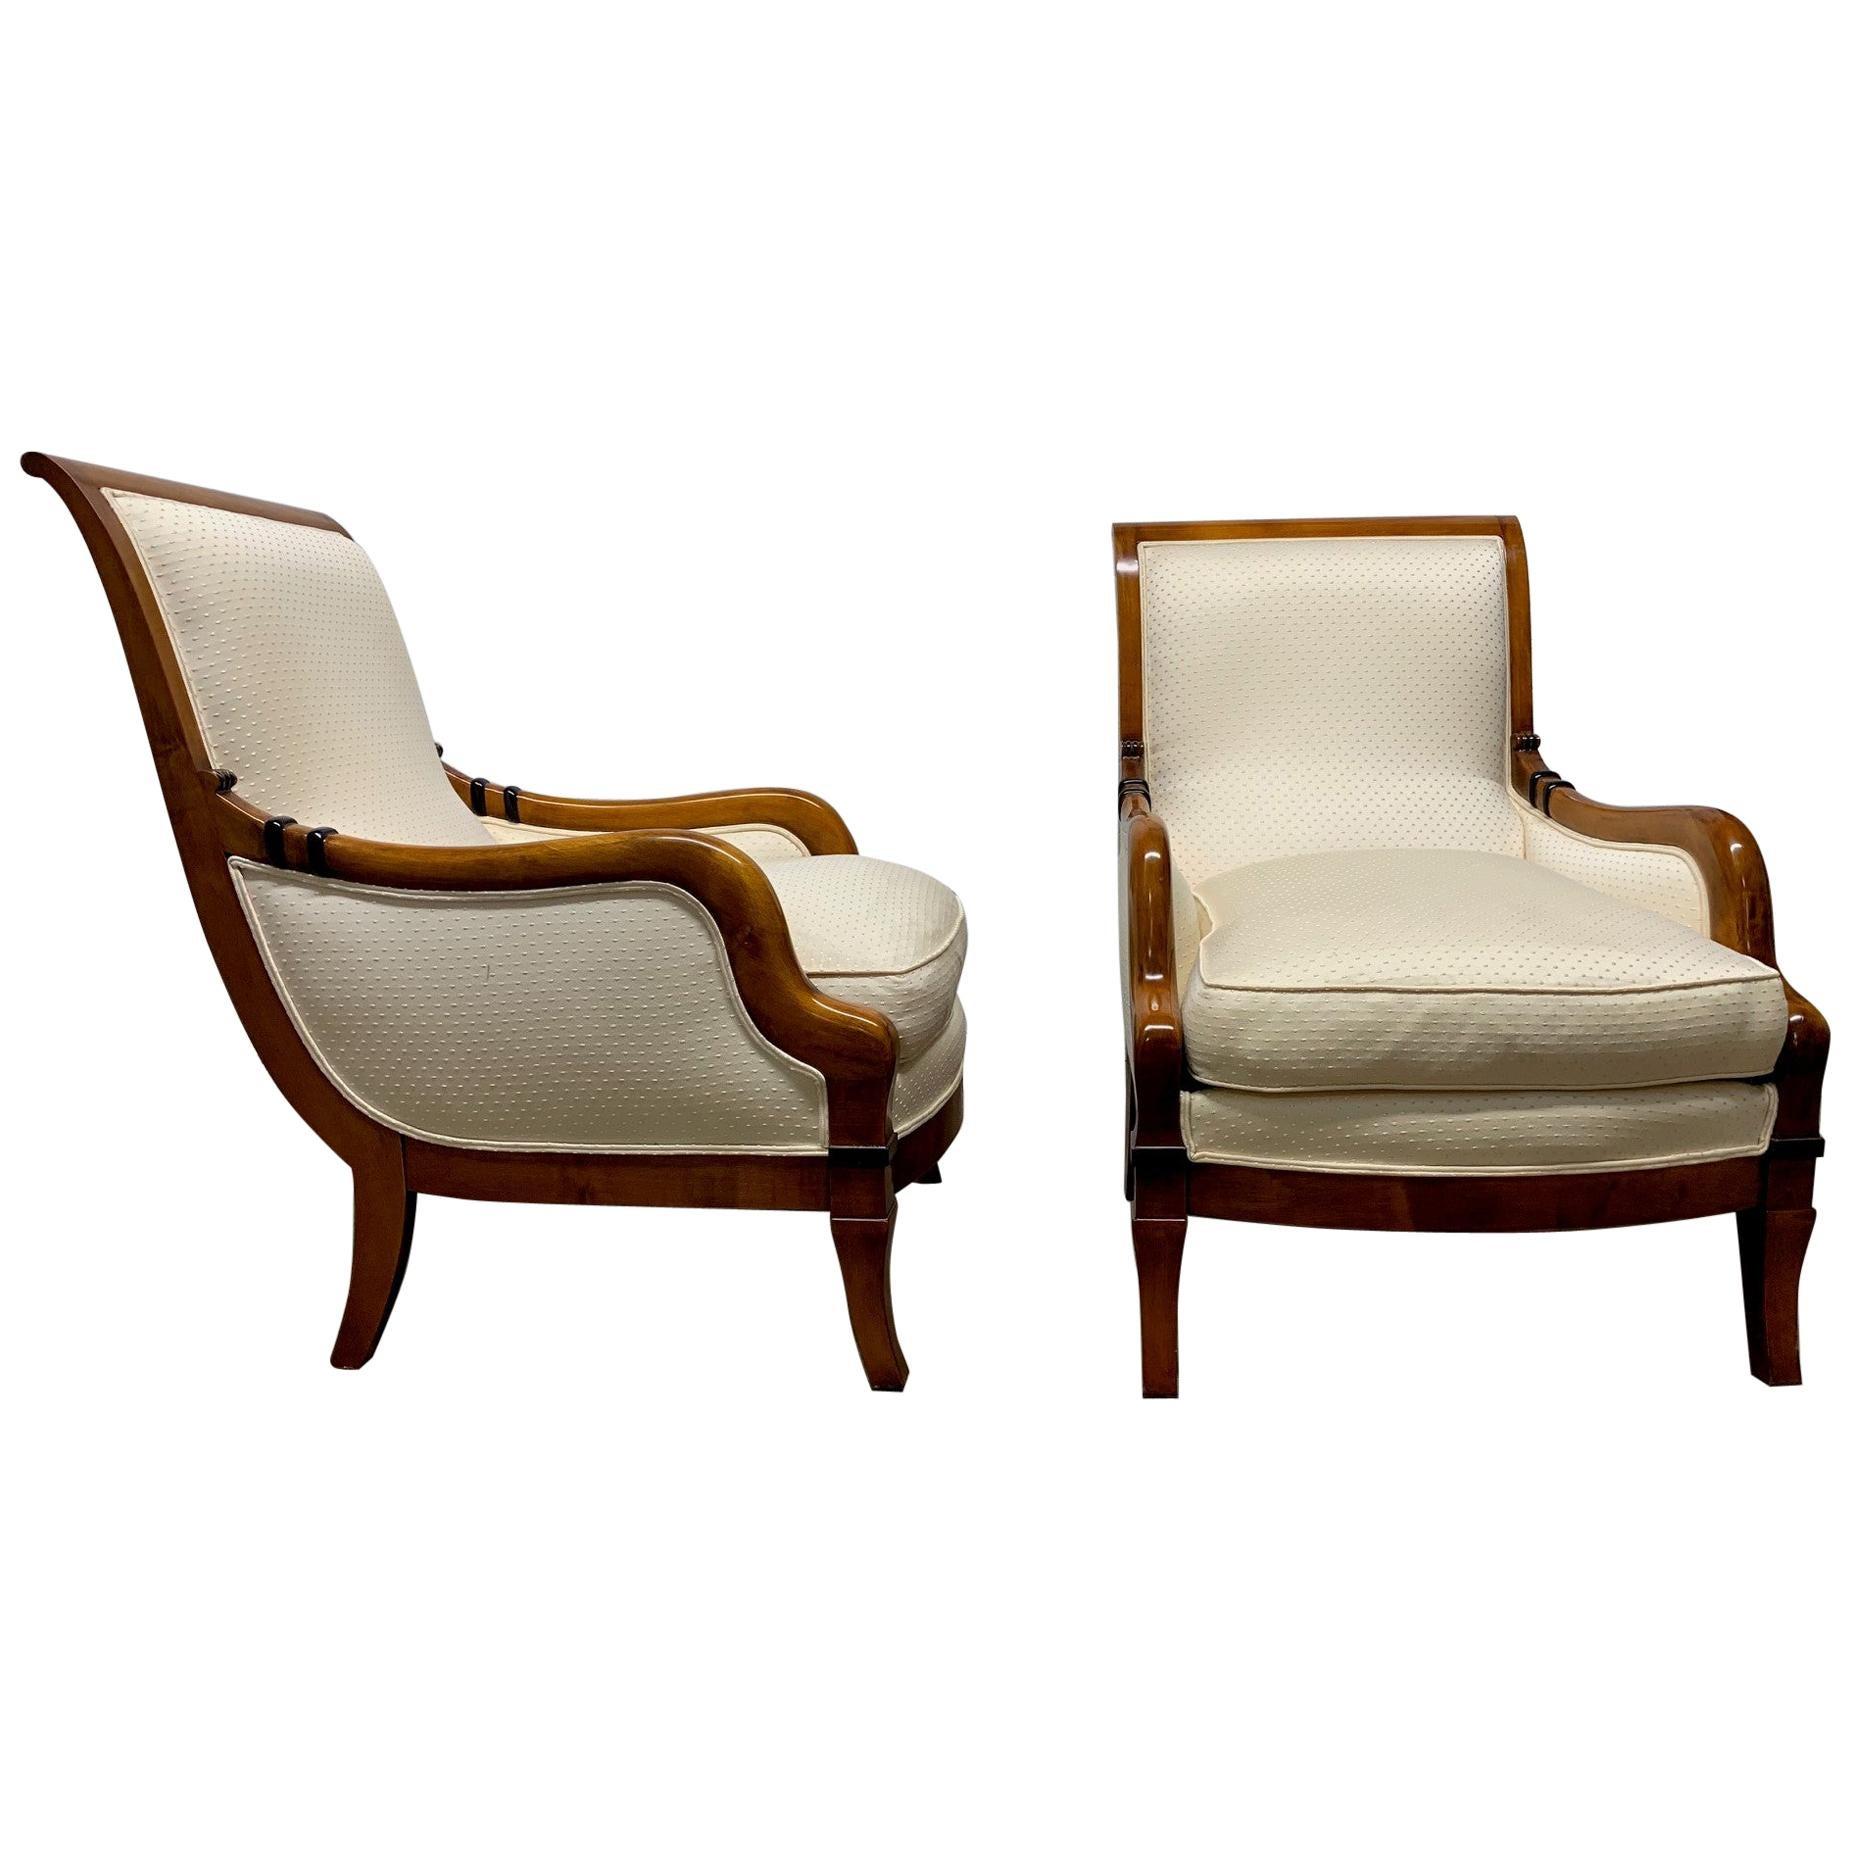 Pair of Biedermeier Style Lounge Chairs